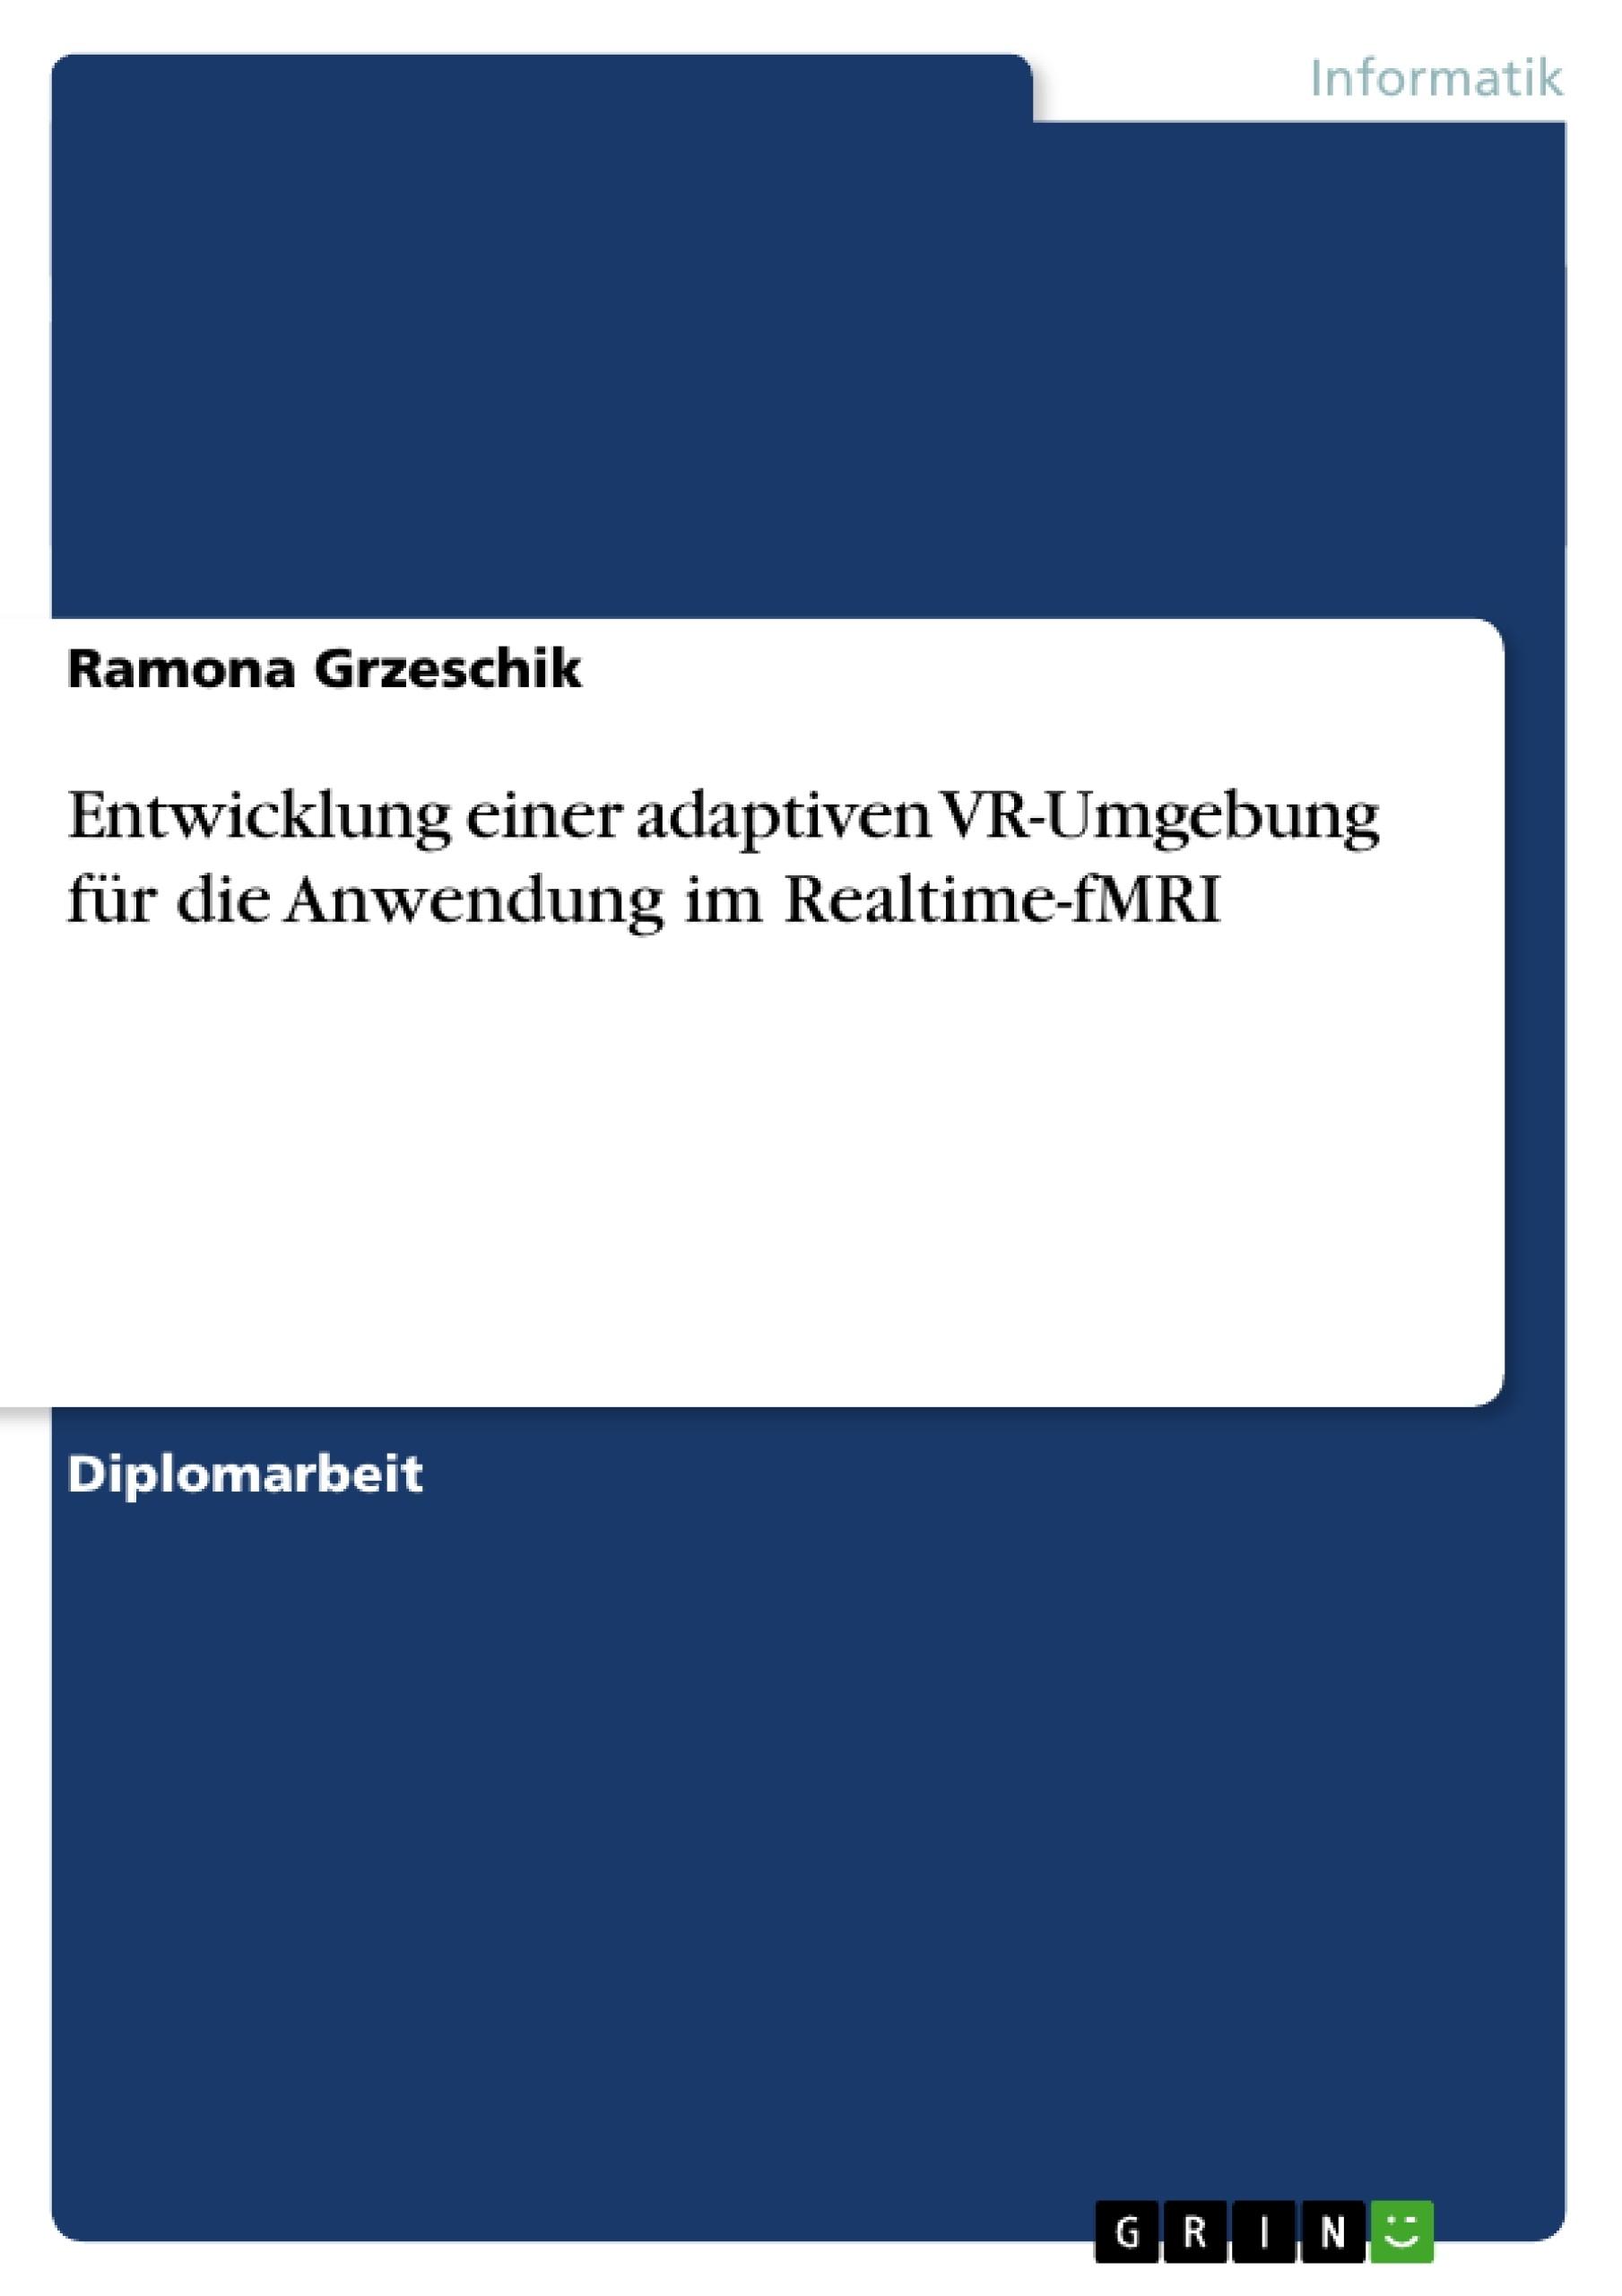 Titel: Entwicklung einer adaptiven VR-Umgebung für die Anwendung im Realtime-fMRI